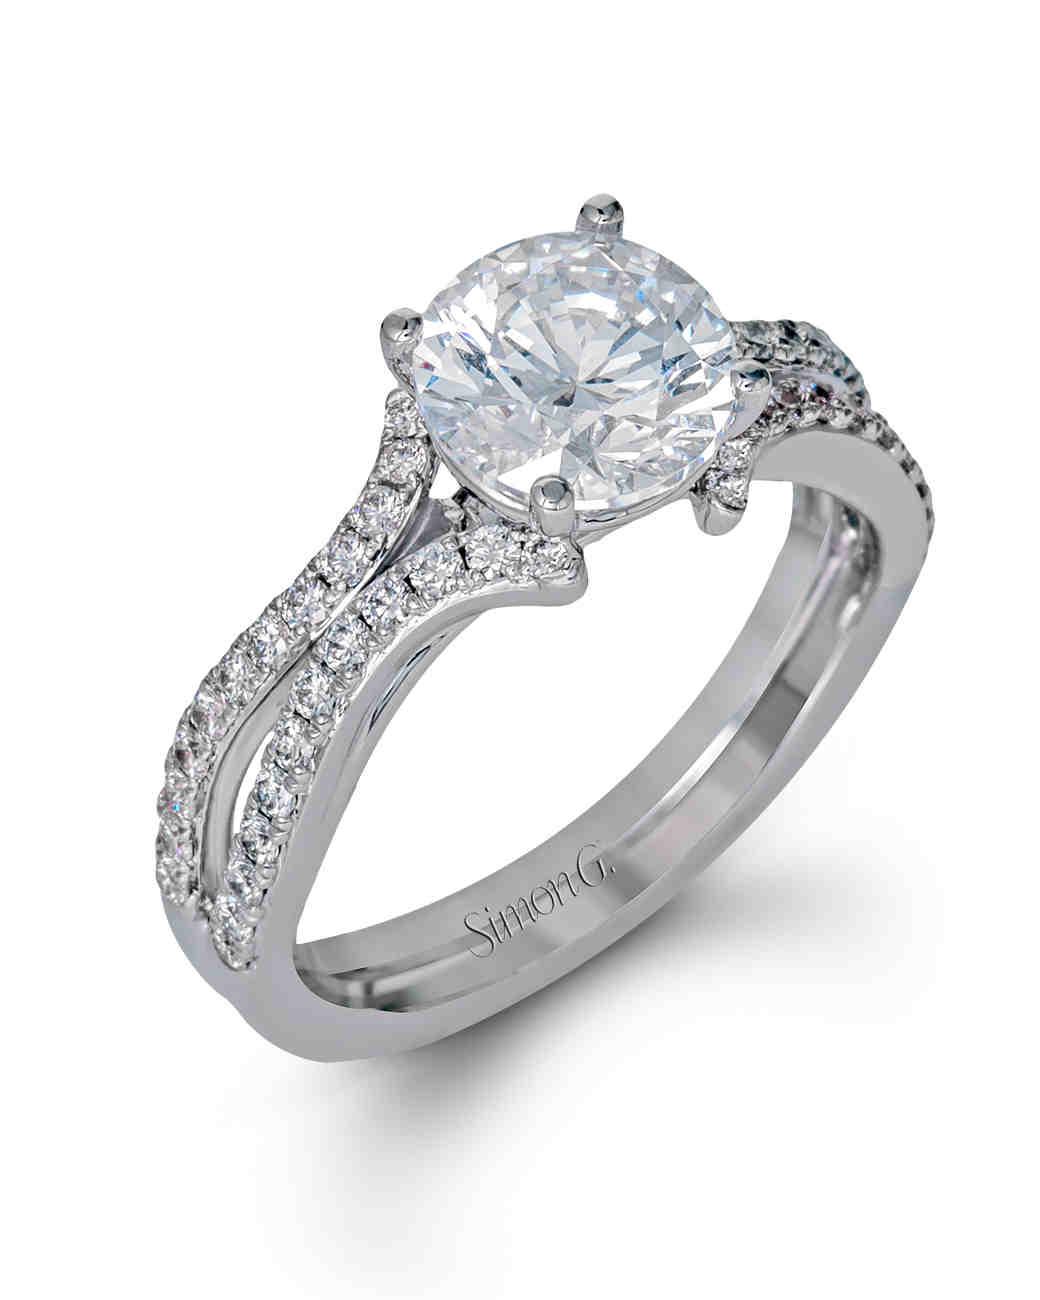 Simon G. White Gold Engagement Ring